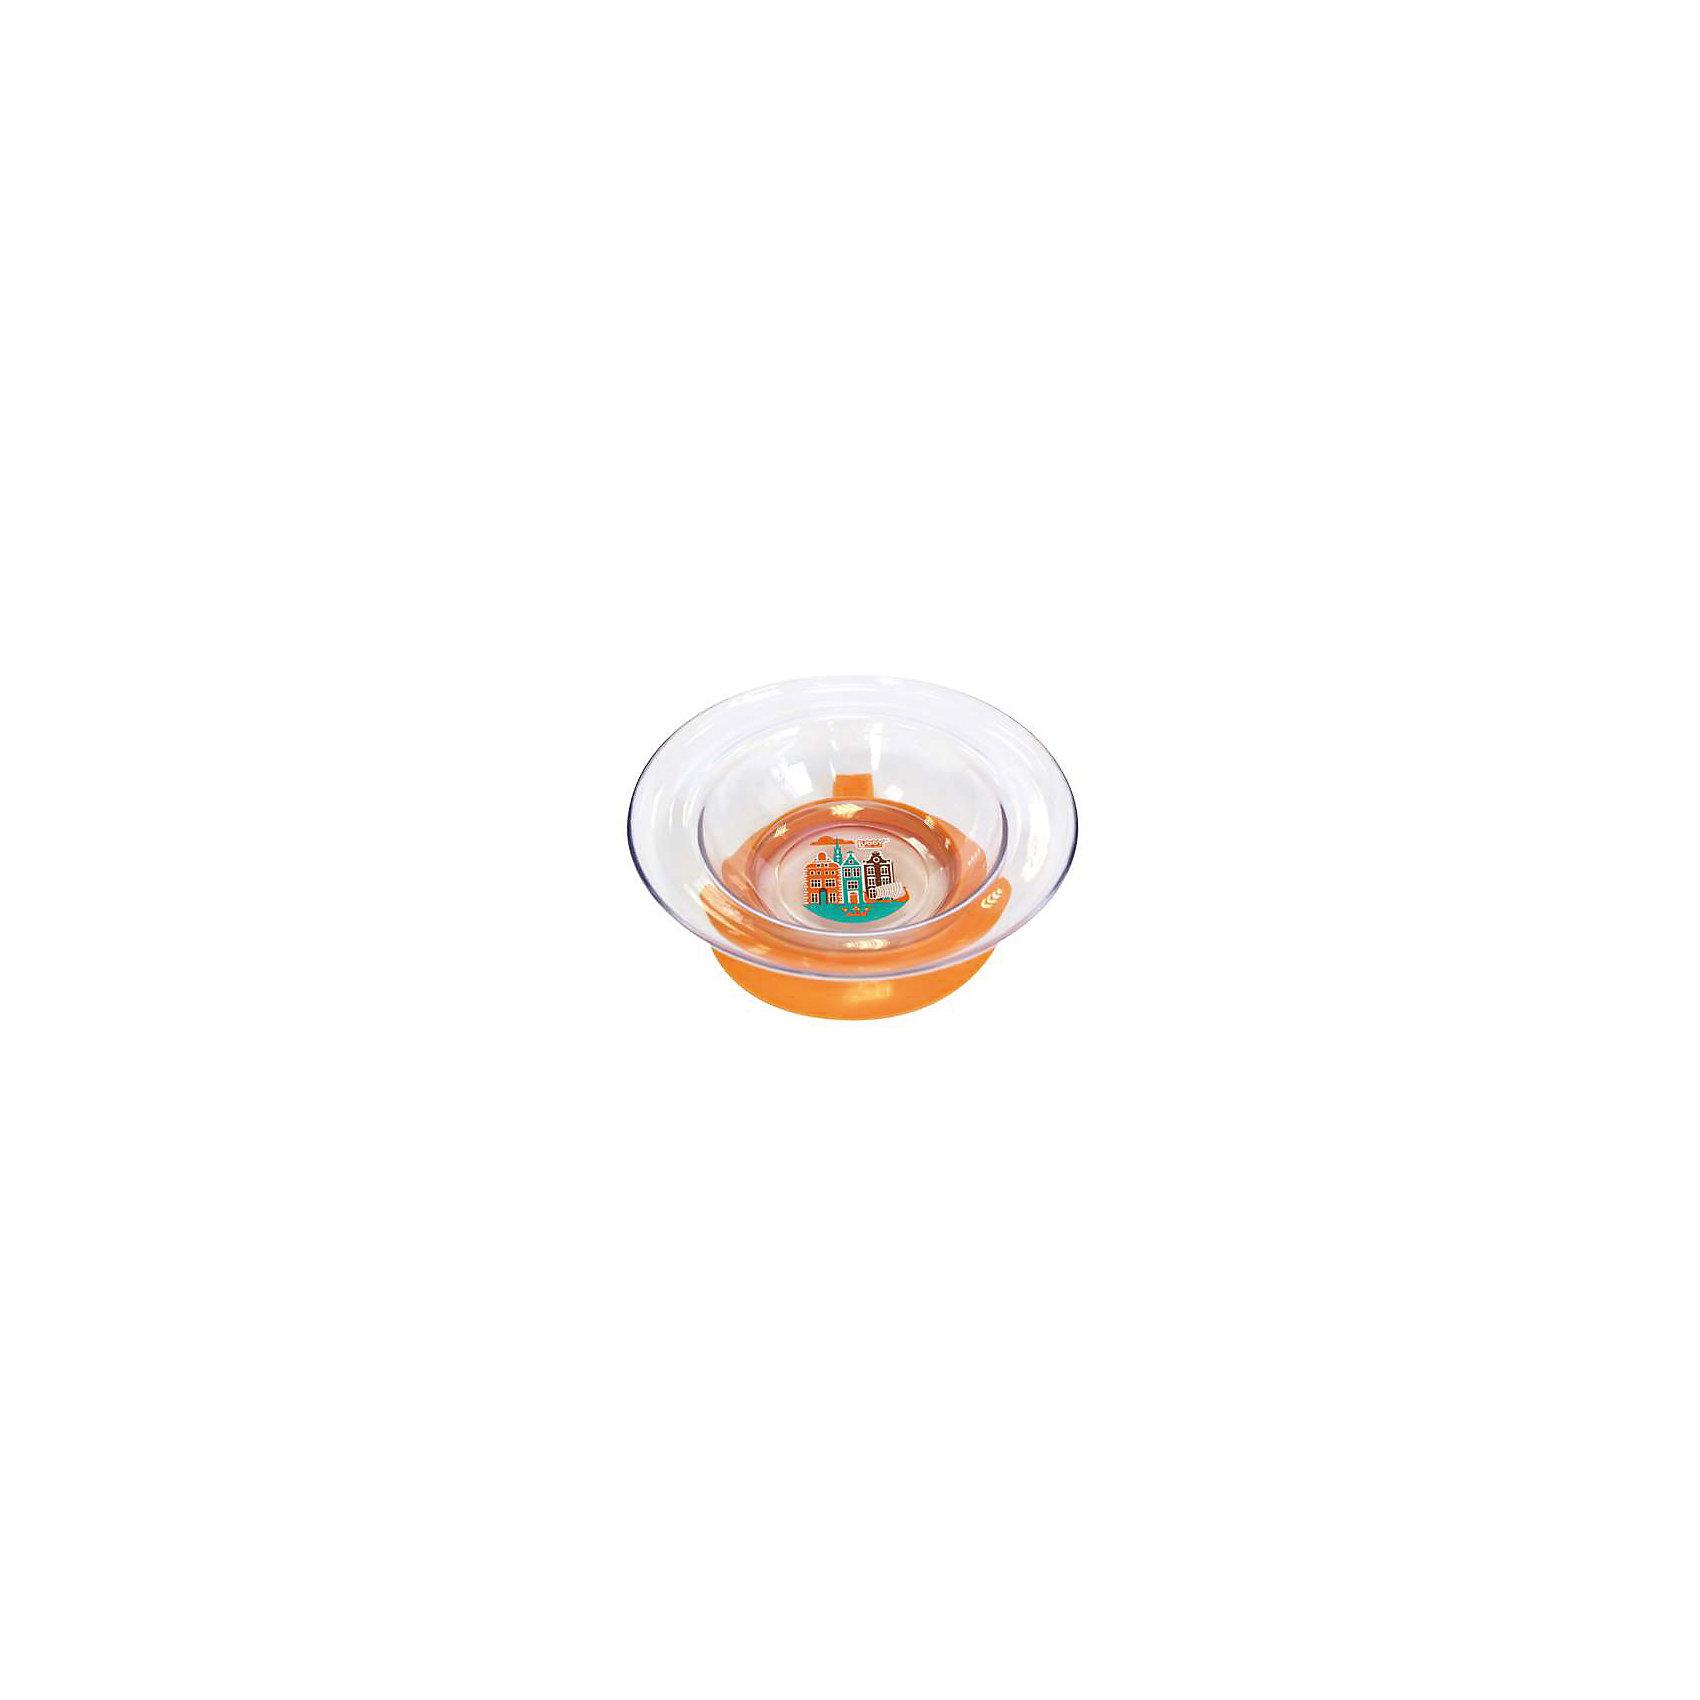 Тарелка Любимая от 6 мес. с присоской, LUBBY, оранжевый